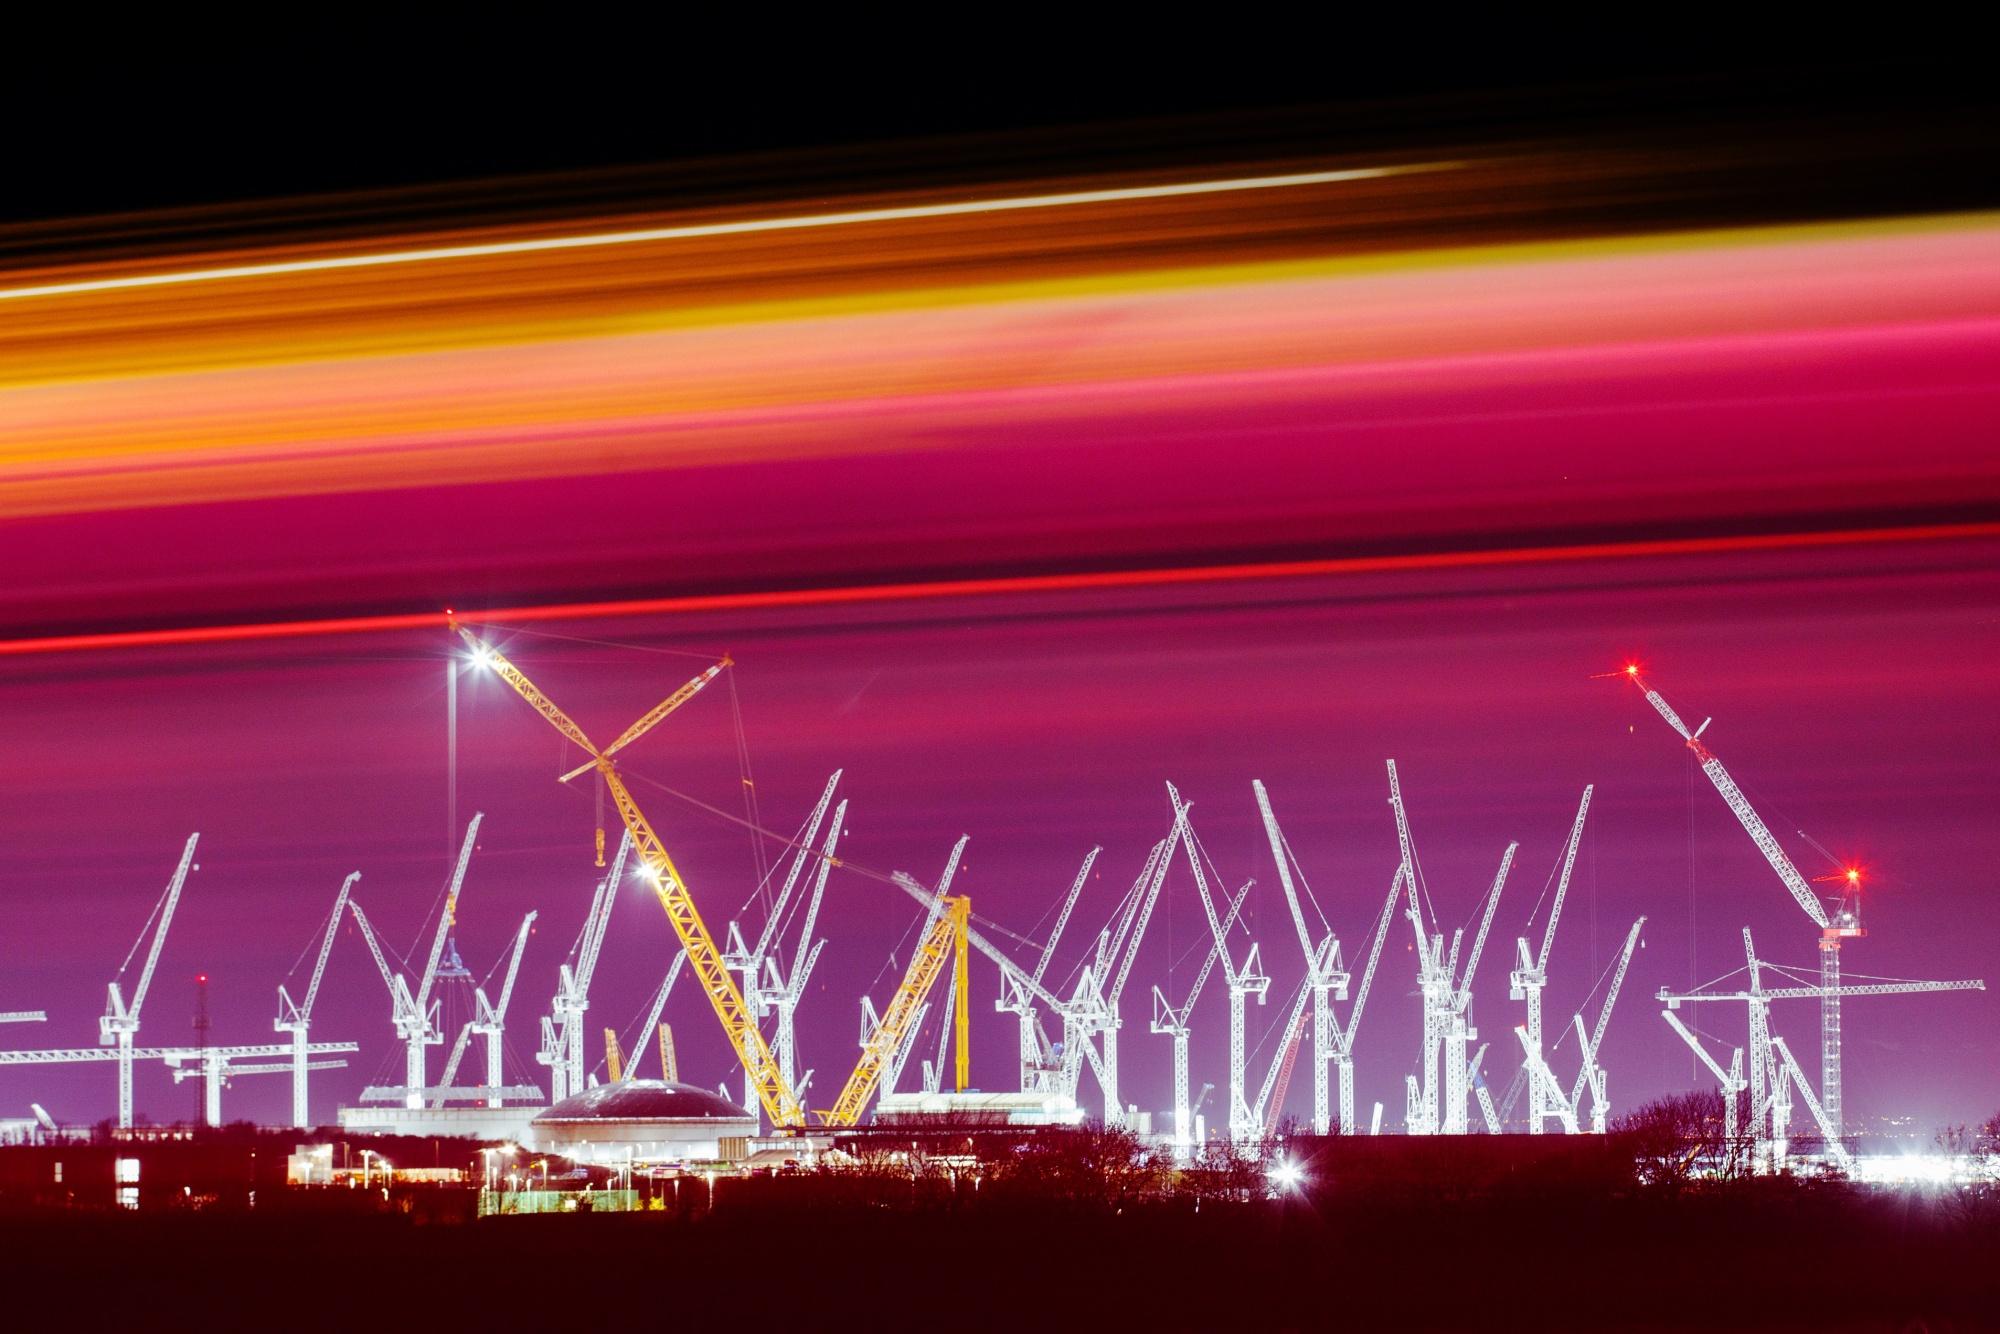 Największy na świecie żuraw kończy swoją największą operację przy budowie elektrowni jądrowej Hinkley Point C.